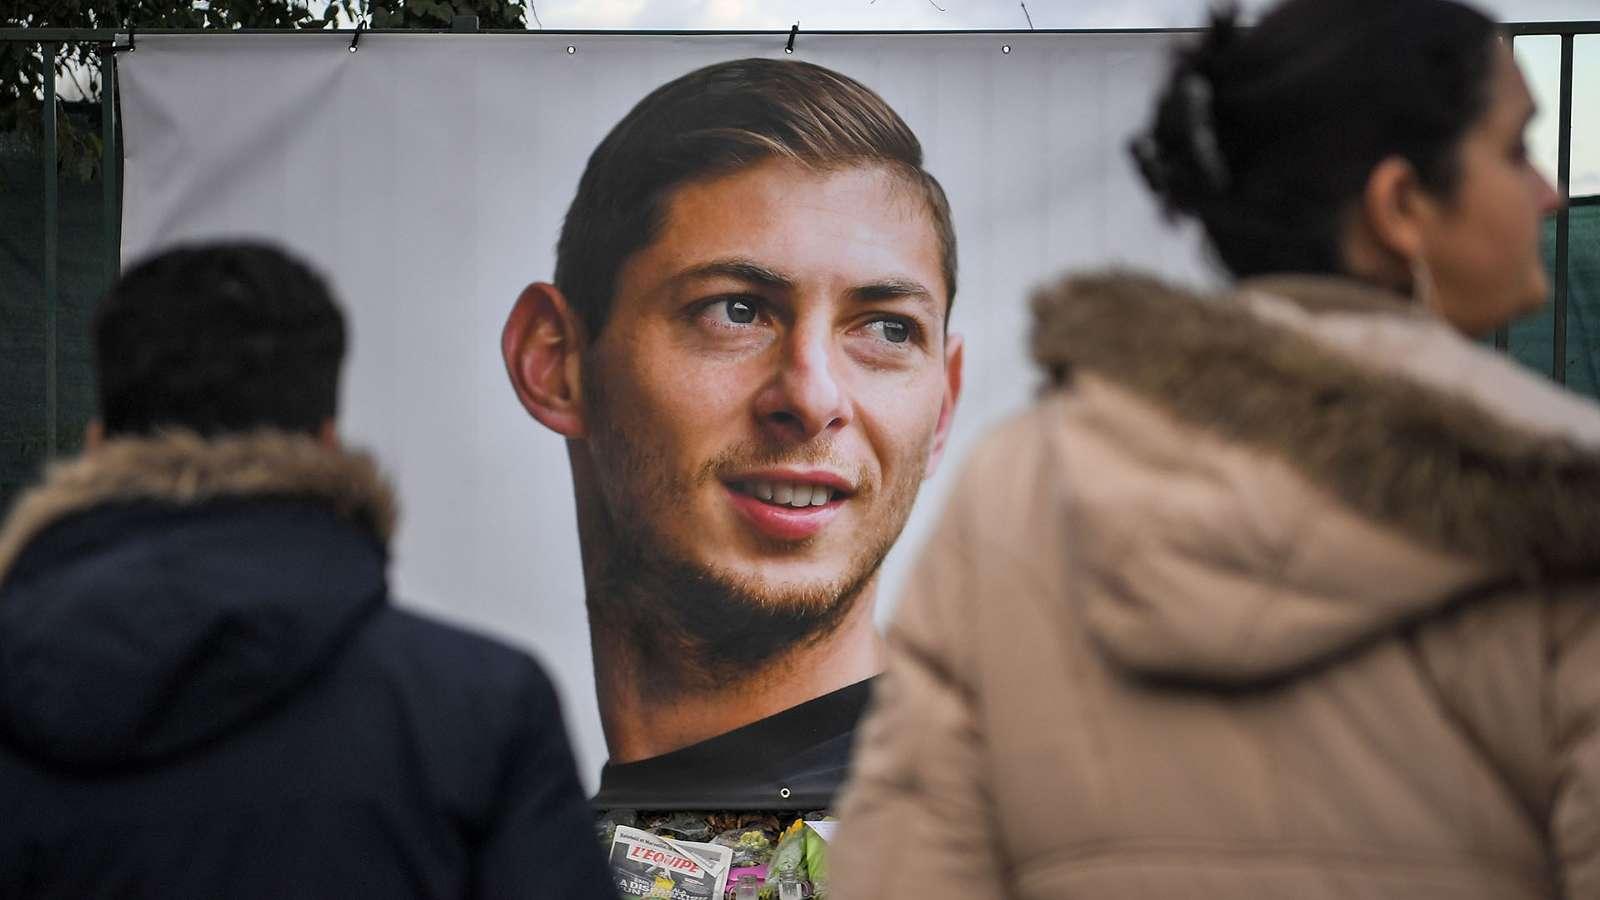 Tanta apprensione per Emiliano Sala da parte dei tifosi del Nantes. Foto: Getty Images.